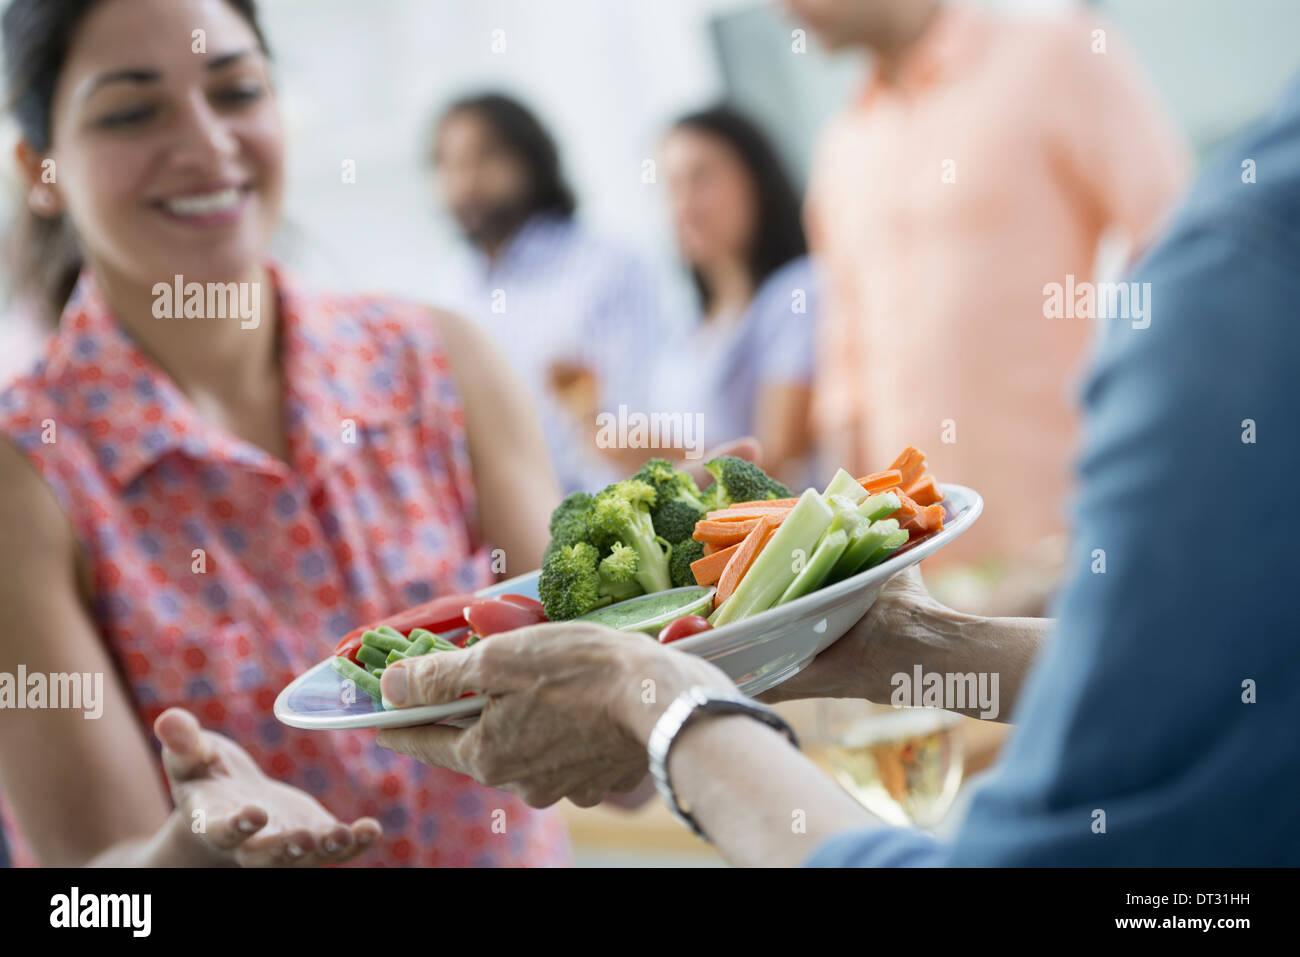 Buffet de salades, de tous âges et ethnies ensemble réunion Photo Stock